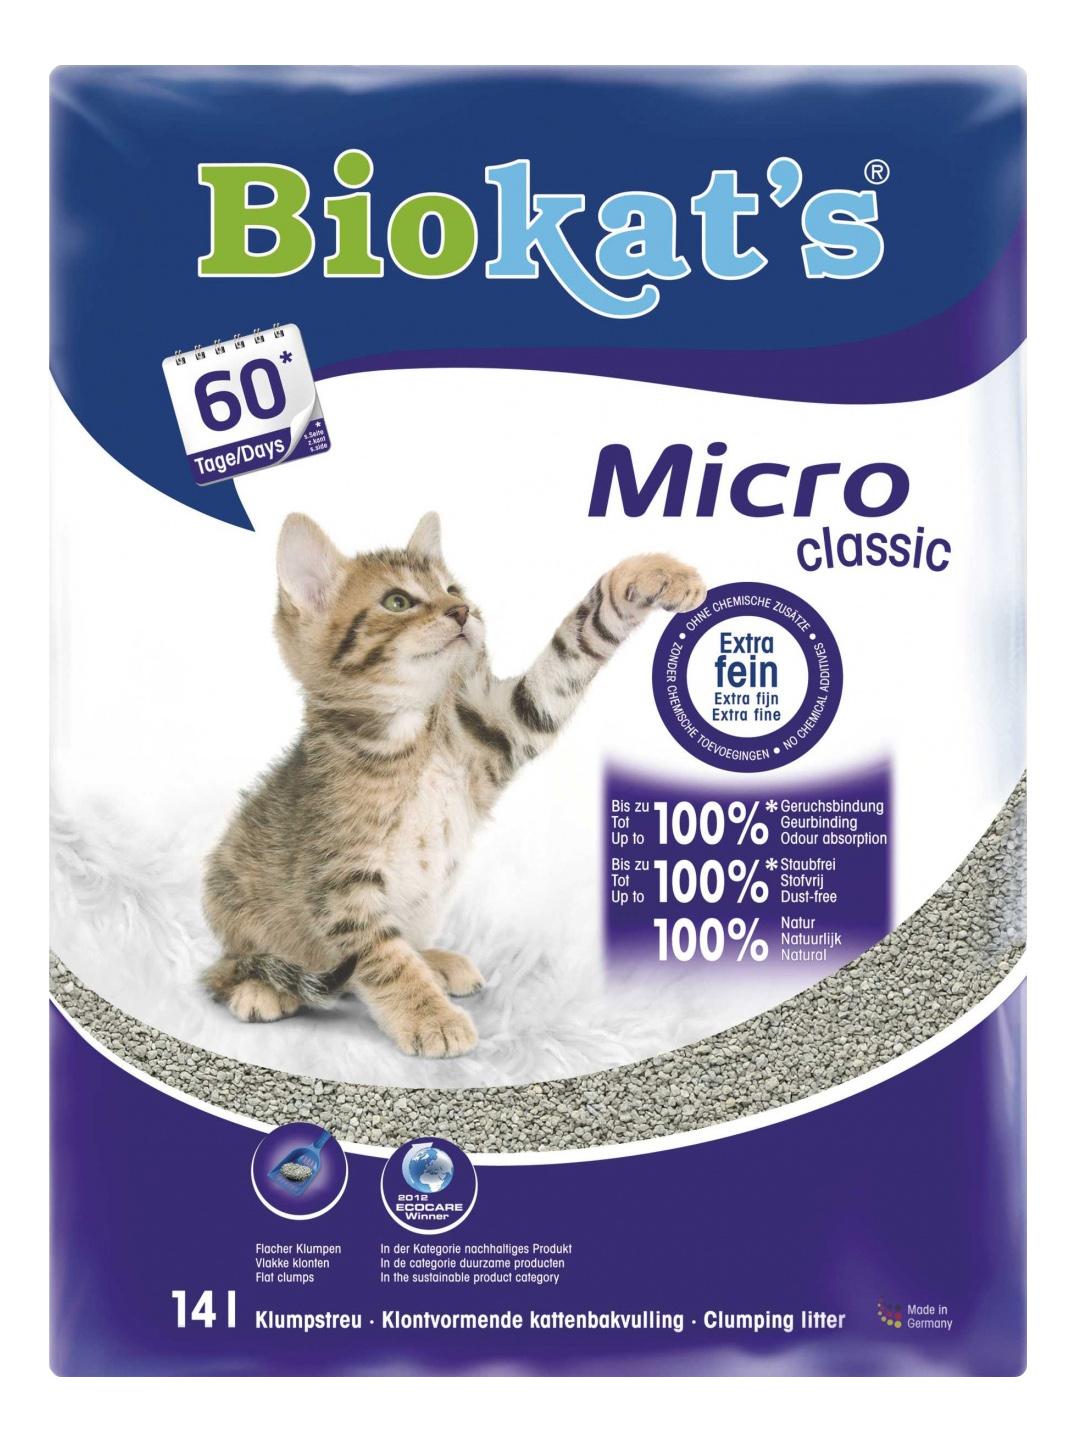 Комкующийся наполнитель для кошек Biokat's Micro Classic бентонитовый, 13.3 кг, 14 л фото